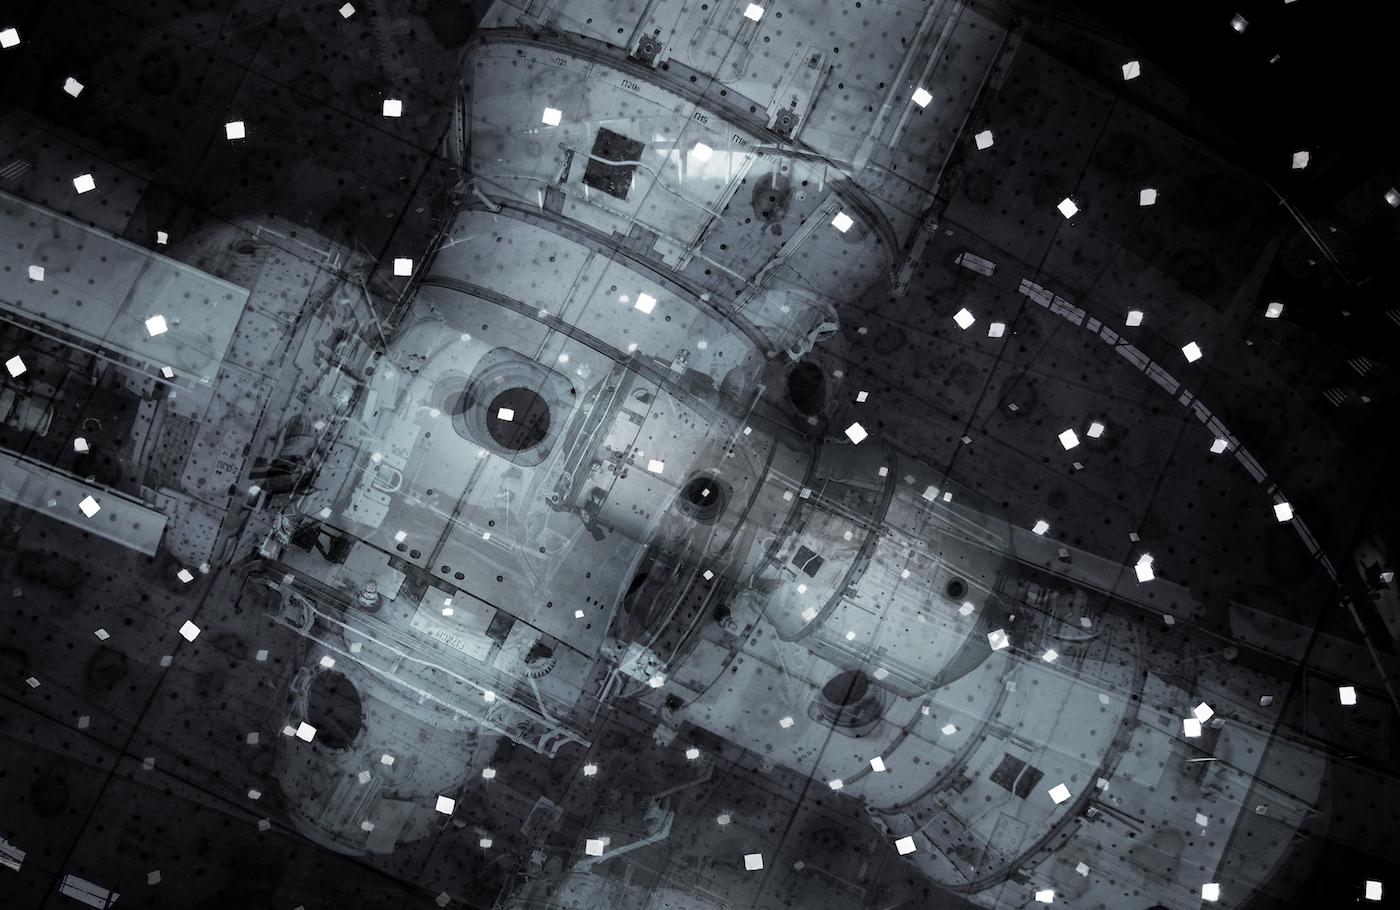 orbital debris_2020